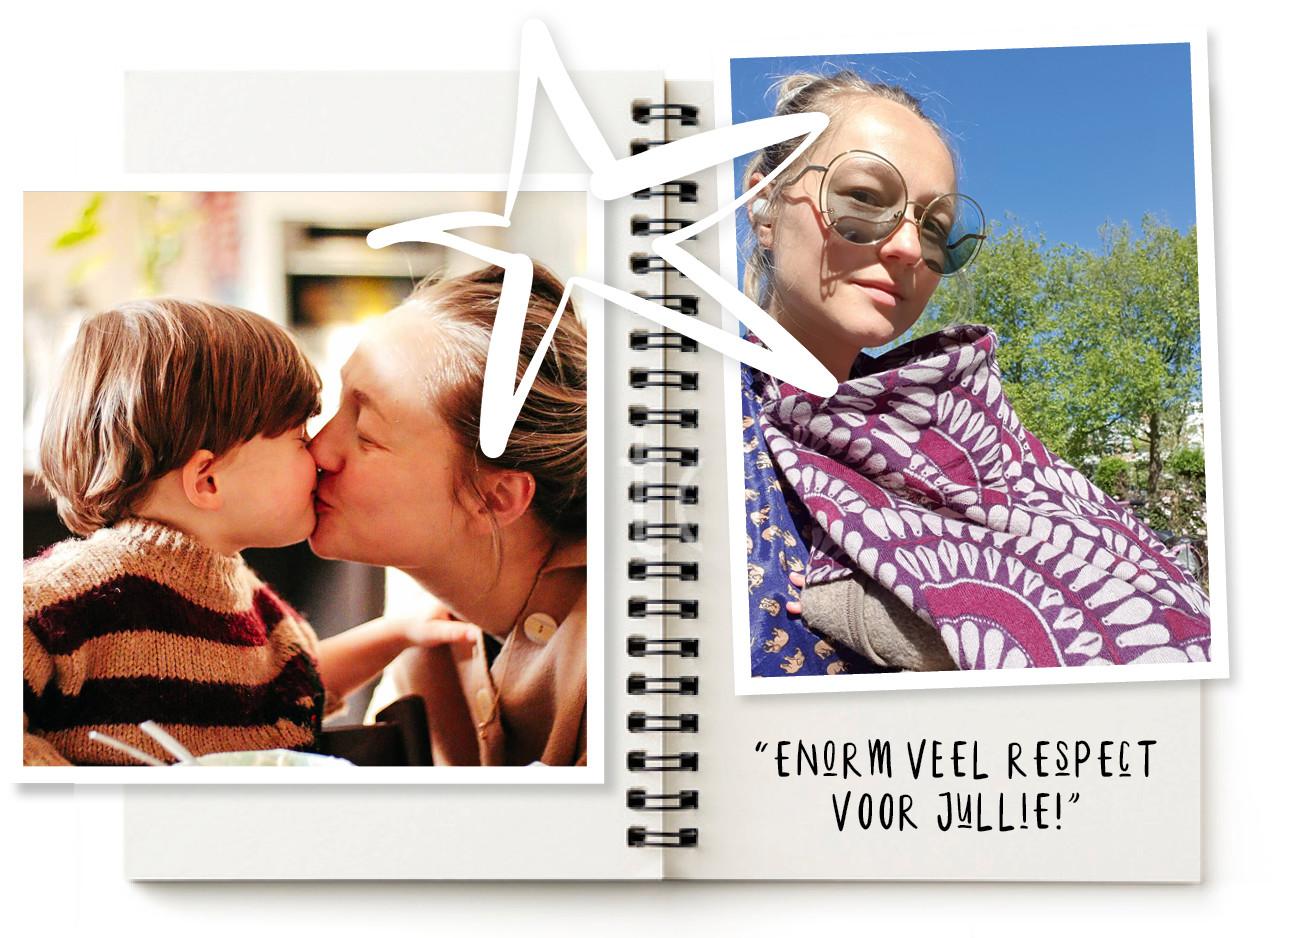 carolien spoor met otis moeder en zoon elkaar kus geven